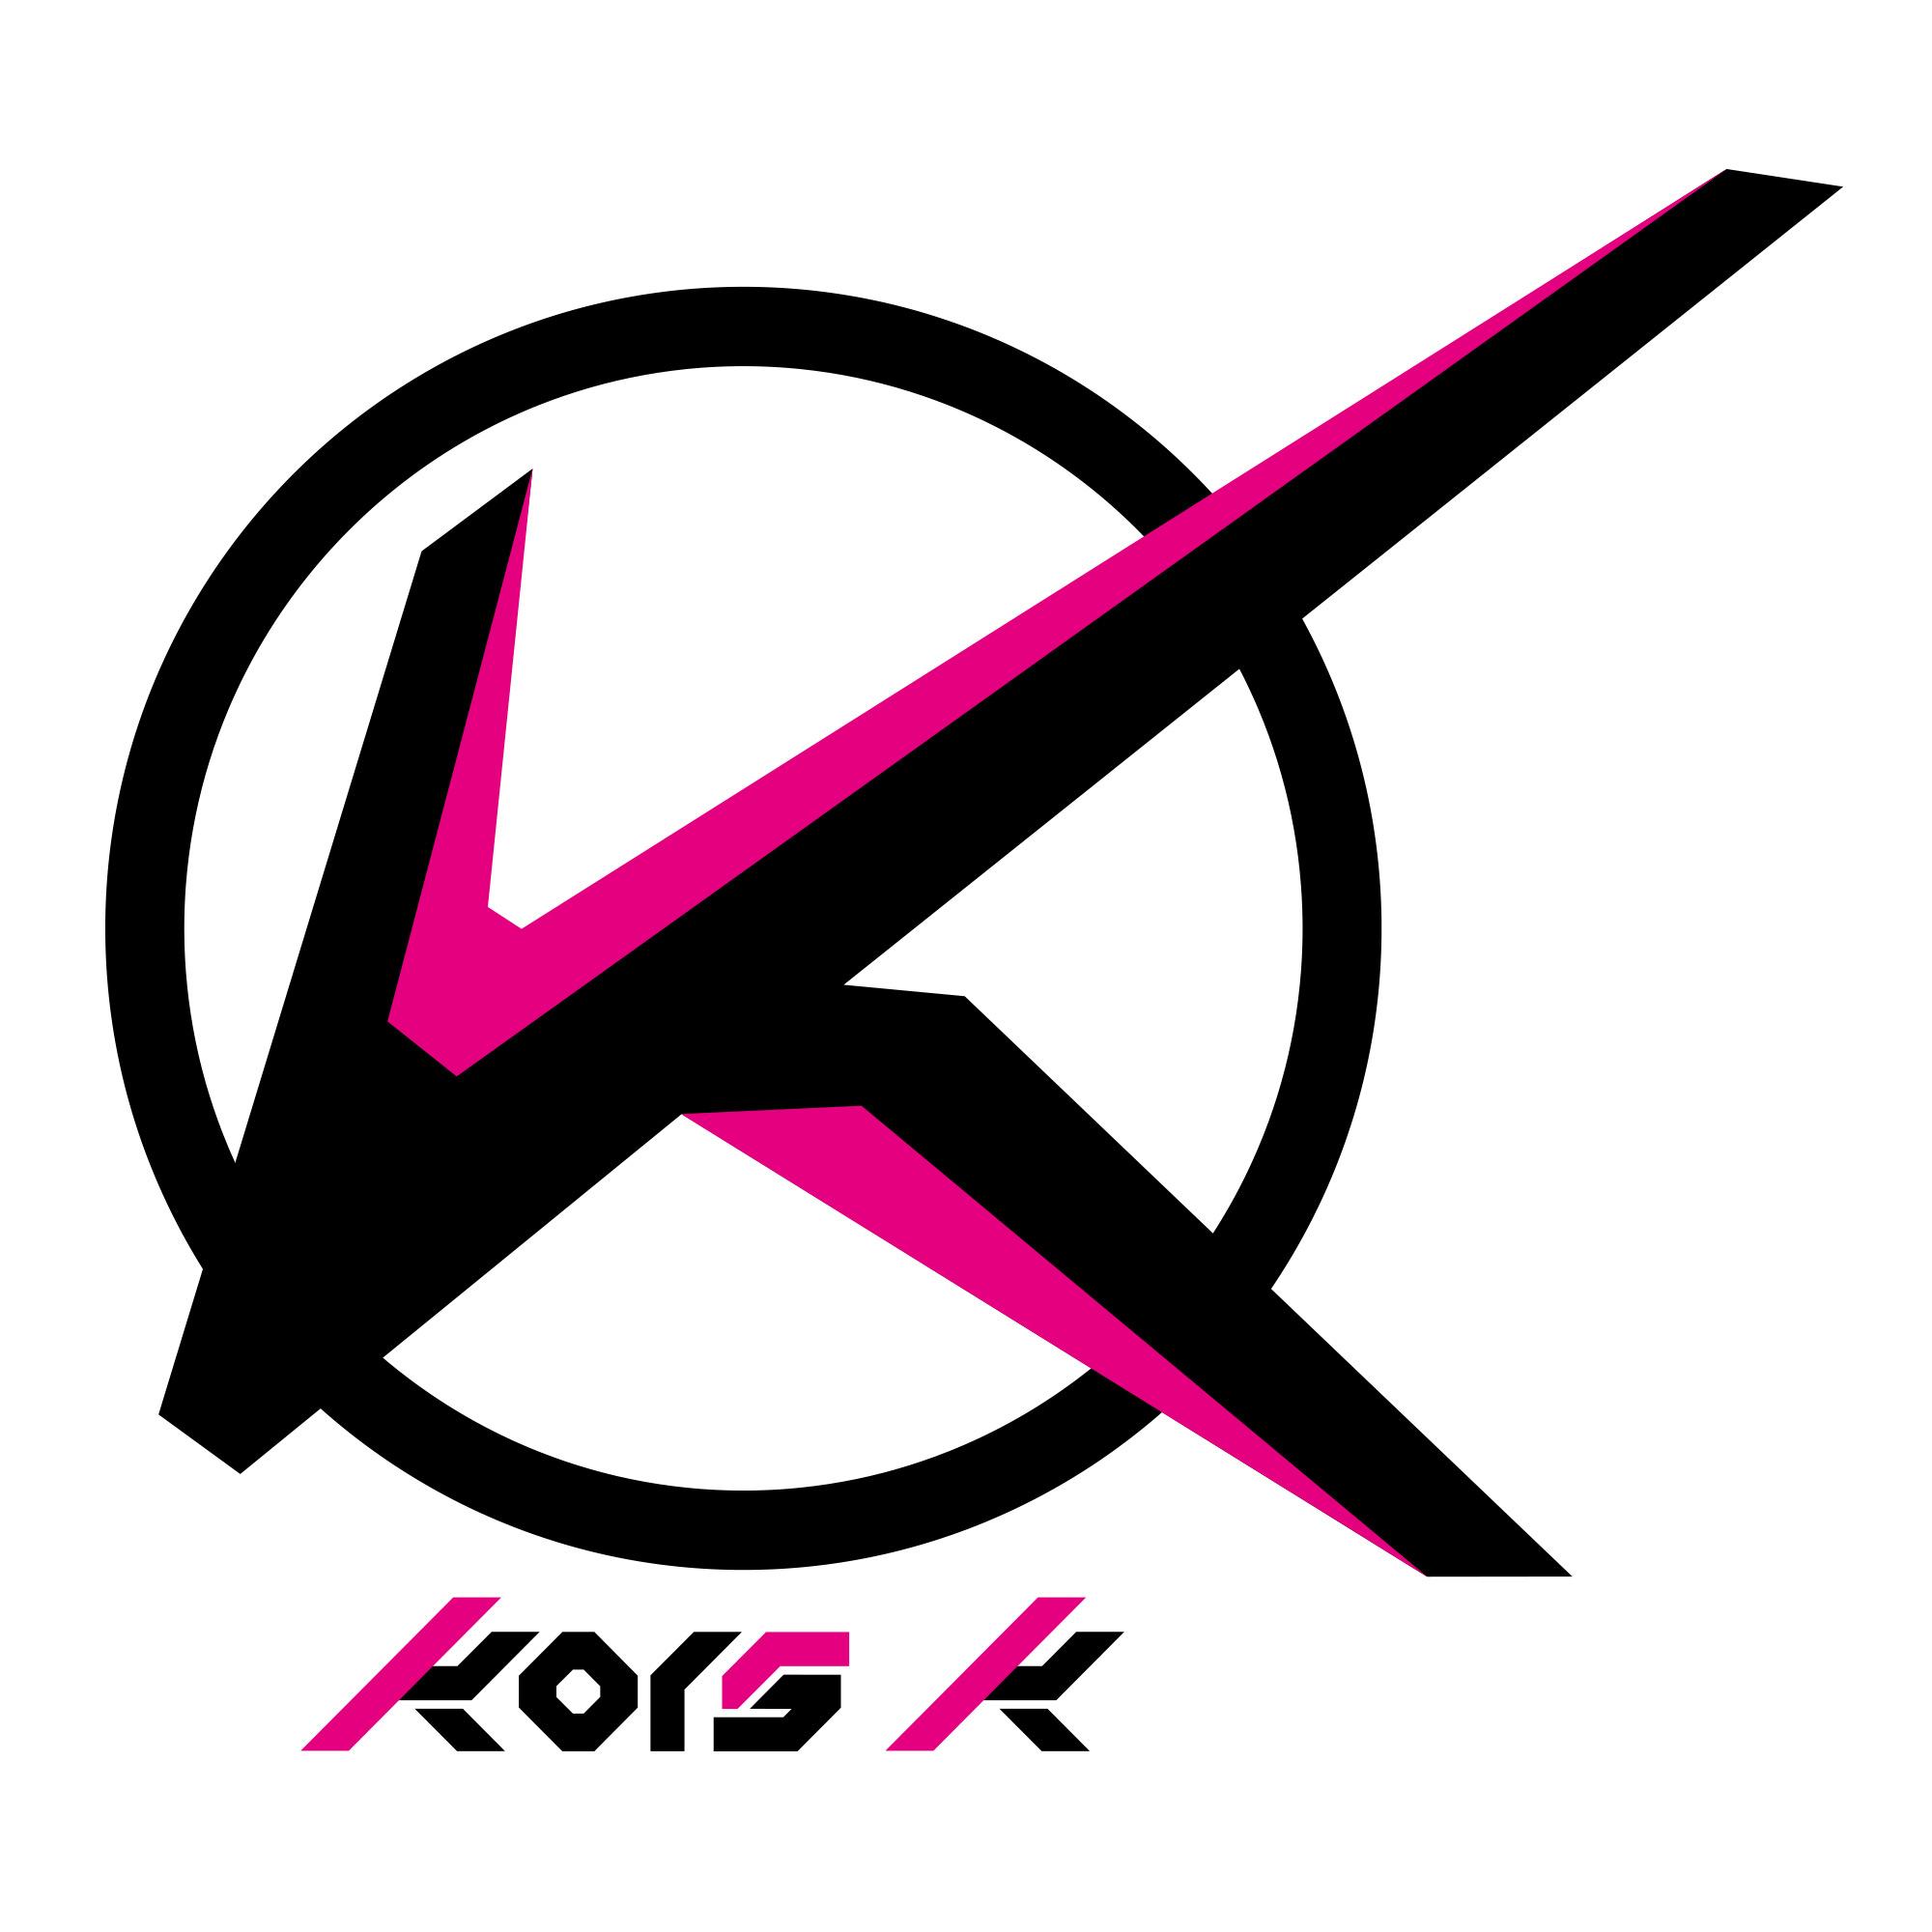 kors k logo